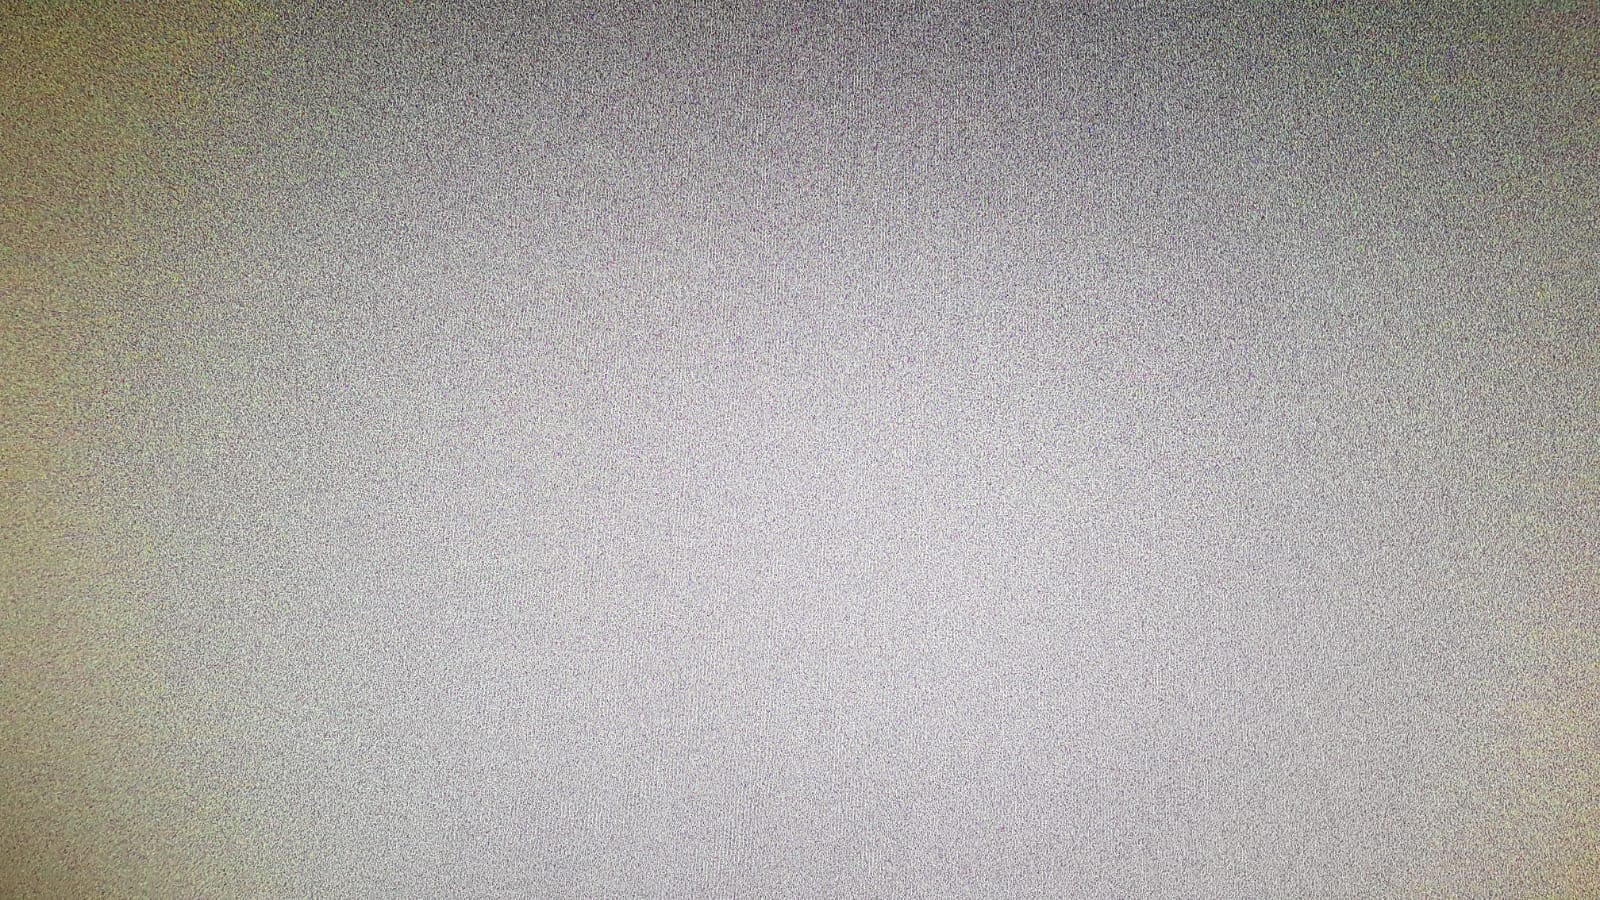 ffa3600e-69ab-424f-b185-b3e1dd66974d.jpg